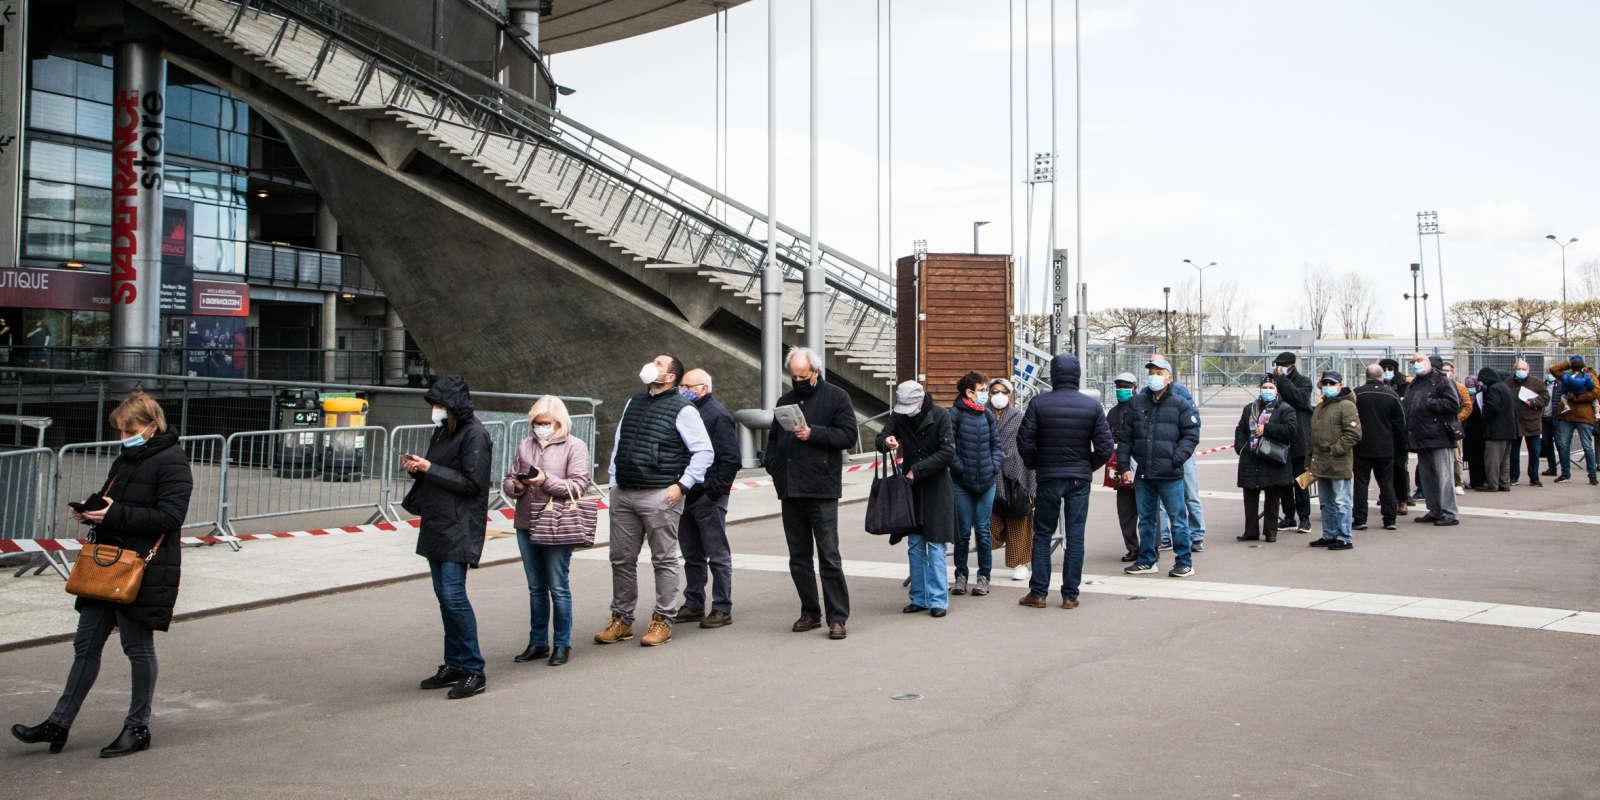 Le stade de France, à Saint-Denis,transformé en vaccinodrome, le 6 avril 2021.